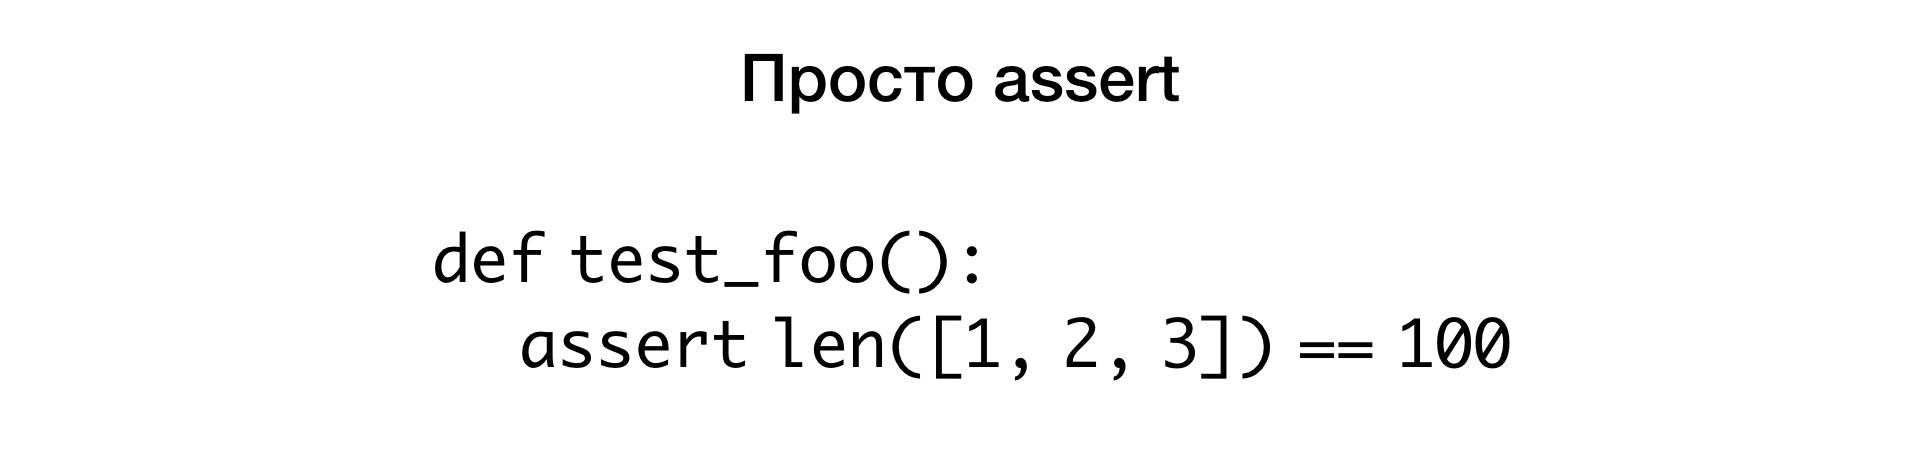 Макросы для питониста. Доклад Яндекса - 1